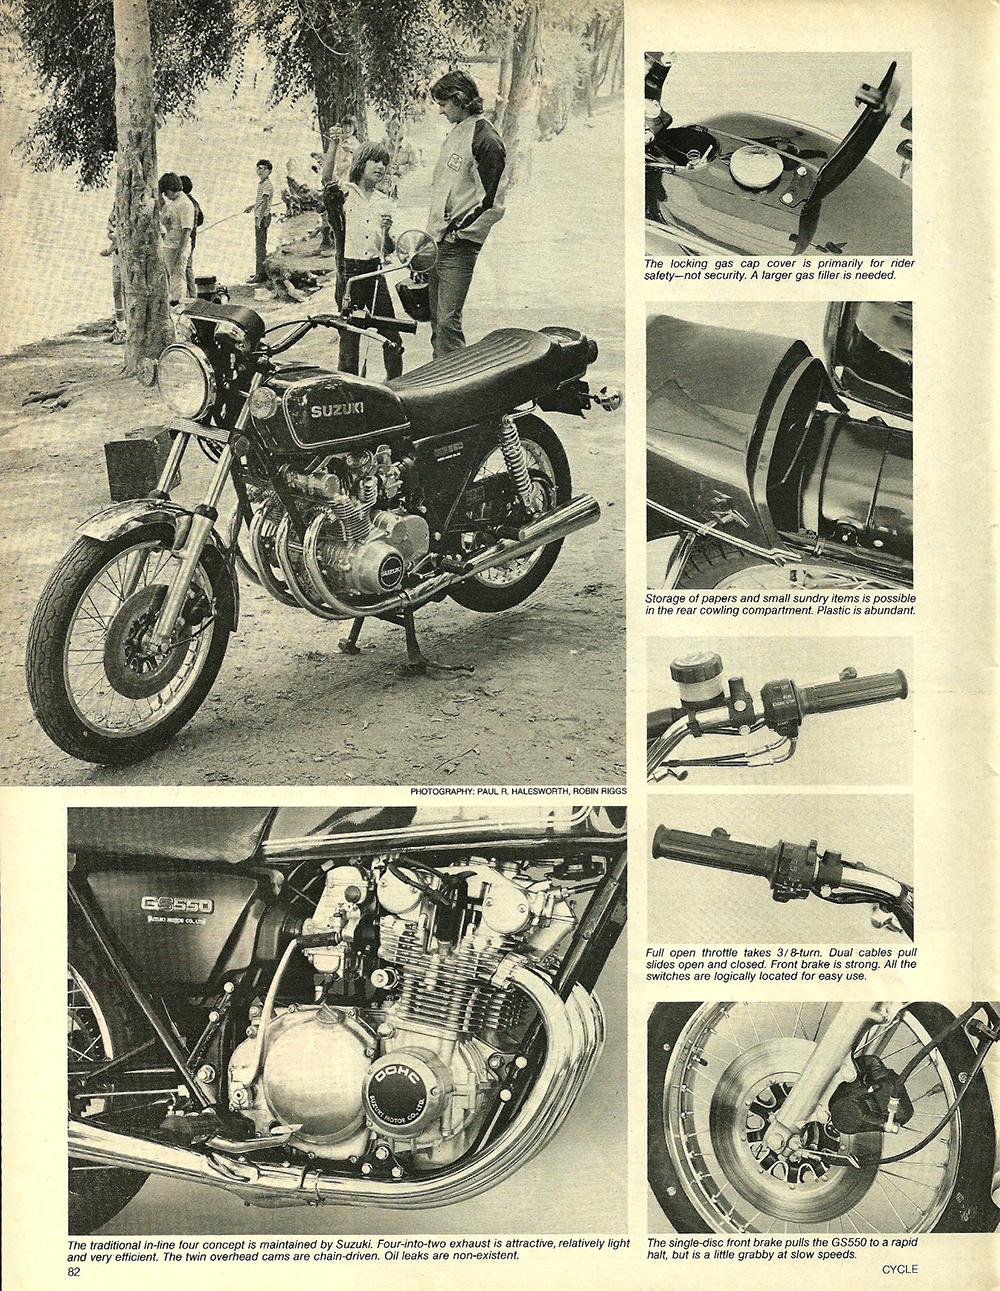 1977 Suzuki GS550 road test 03.jpg